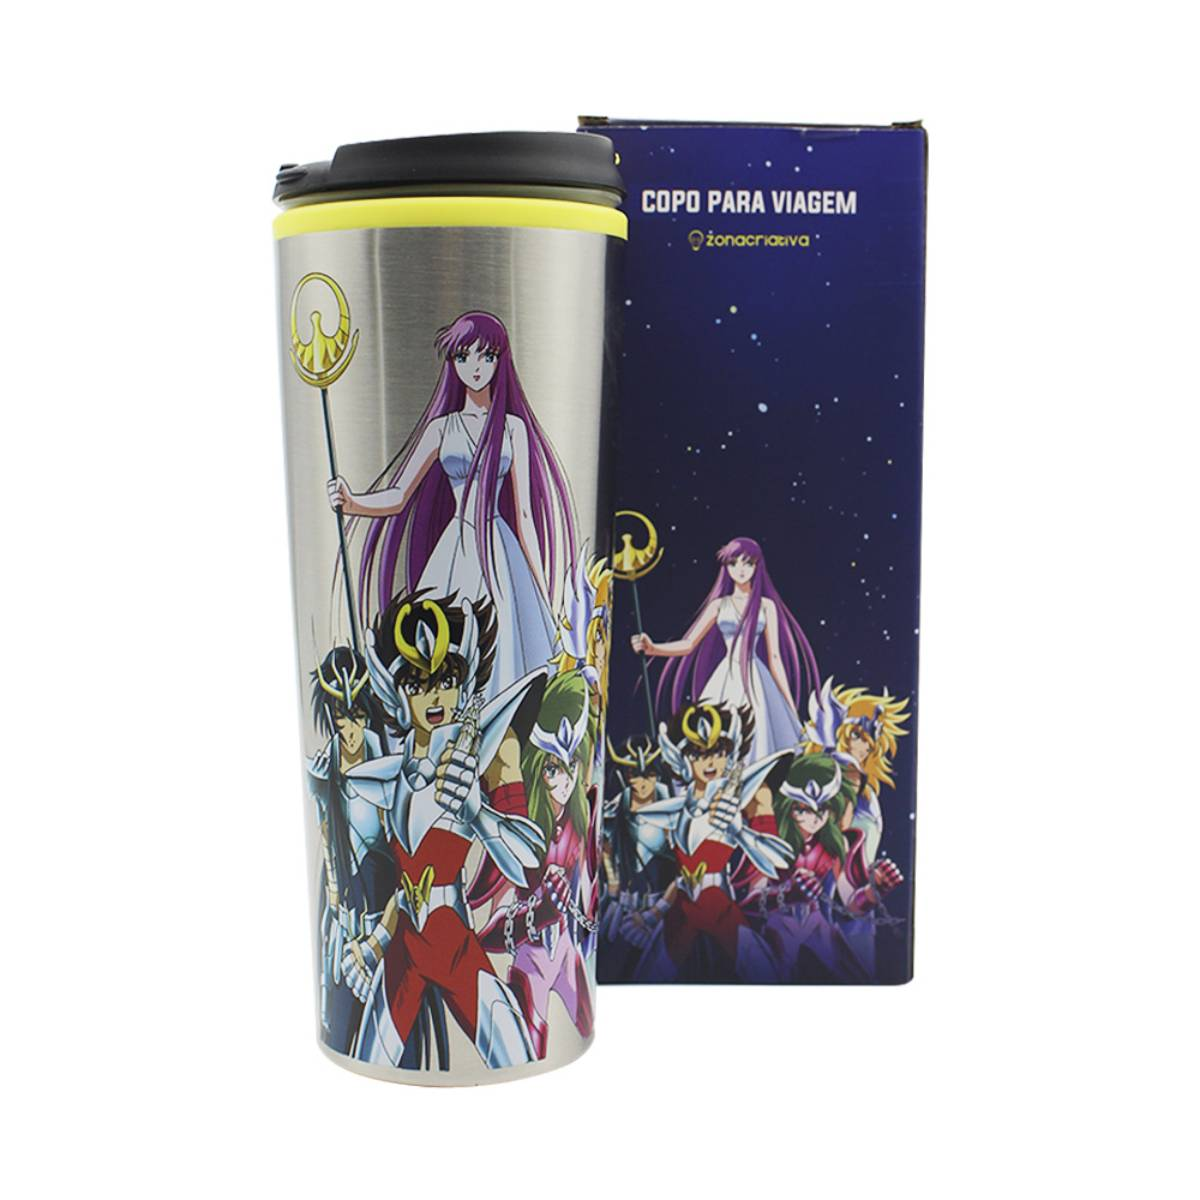 Copo Viagem Os Cavaleiros do Zodíaco Athena Personagens Mangá Anime